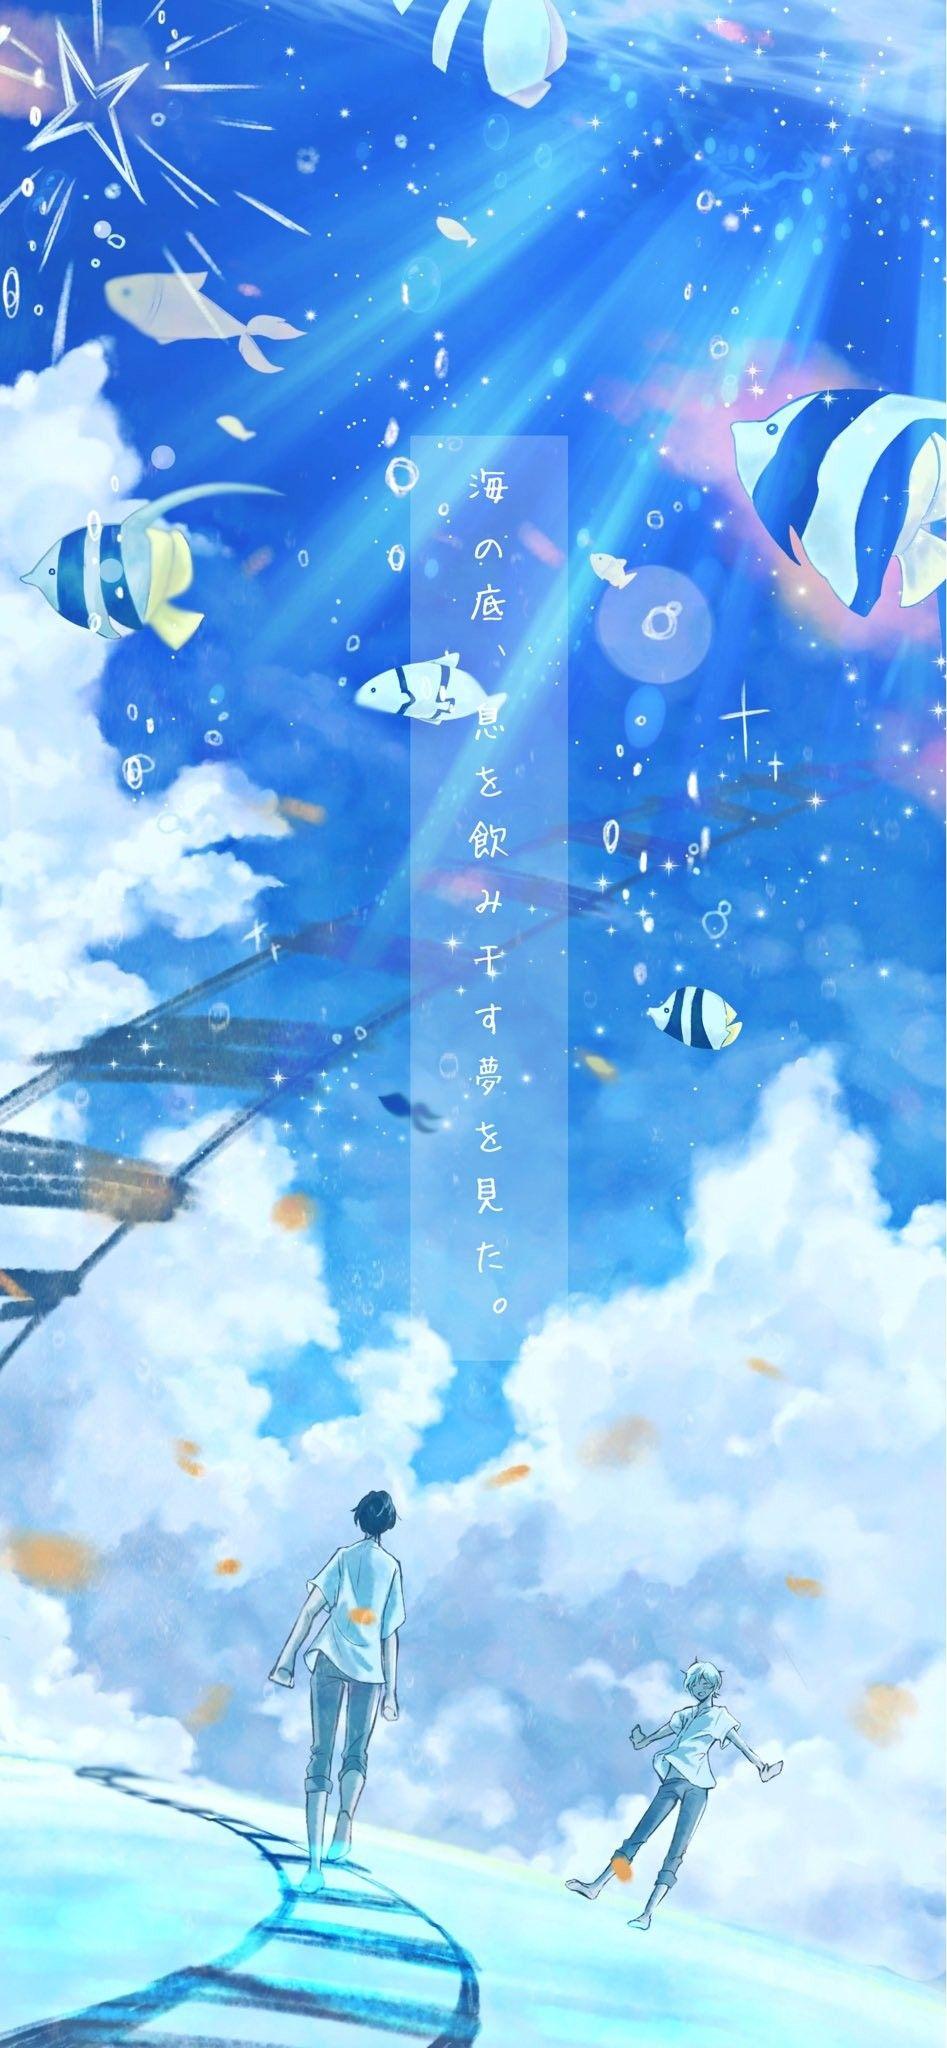 Anime おしゃれまとめの人気アイデア Pinterest 주은 정 ノスタルジック 画像 風景 神秘的 イラスト